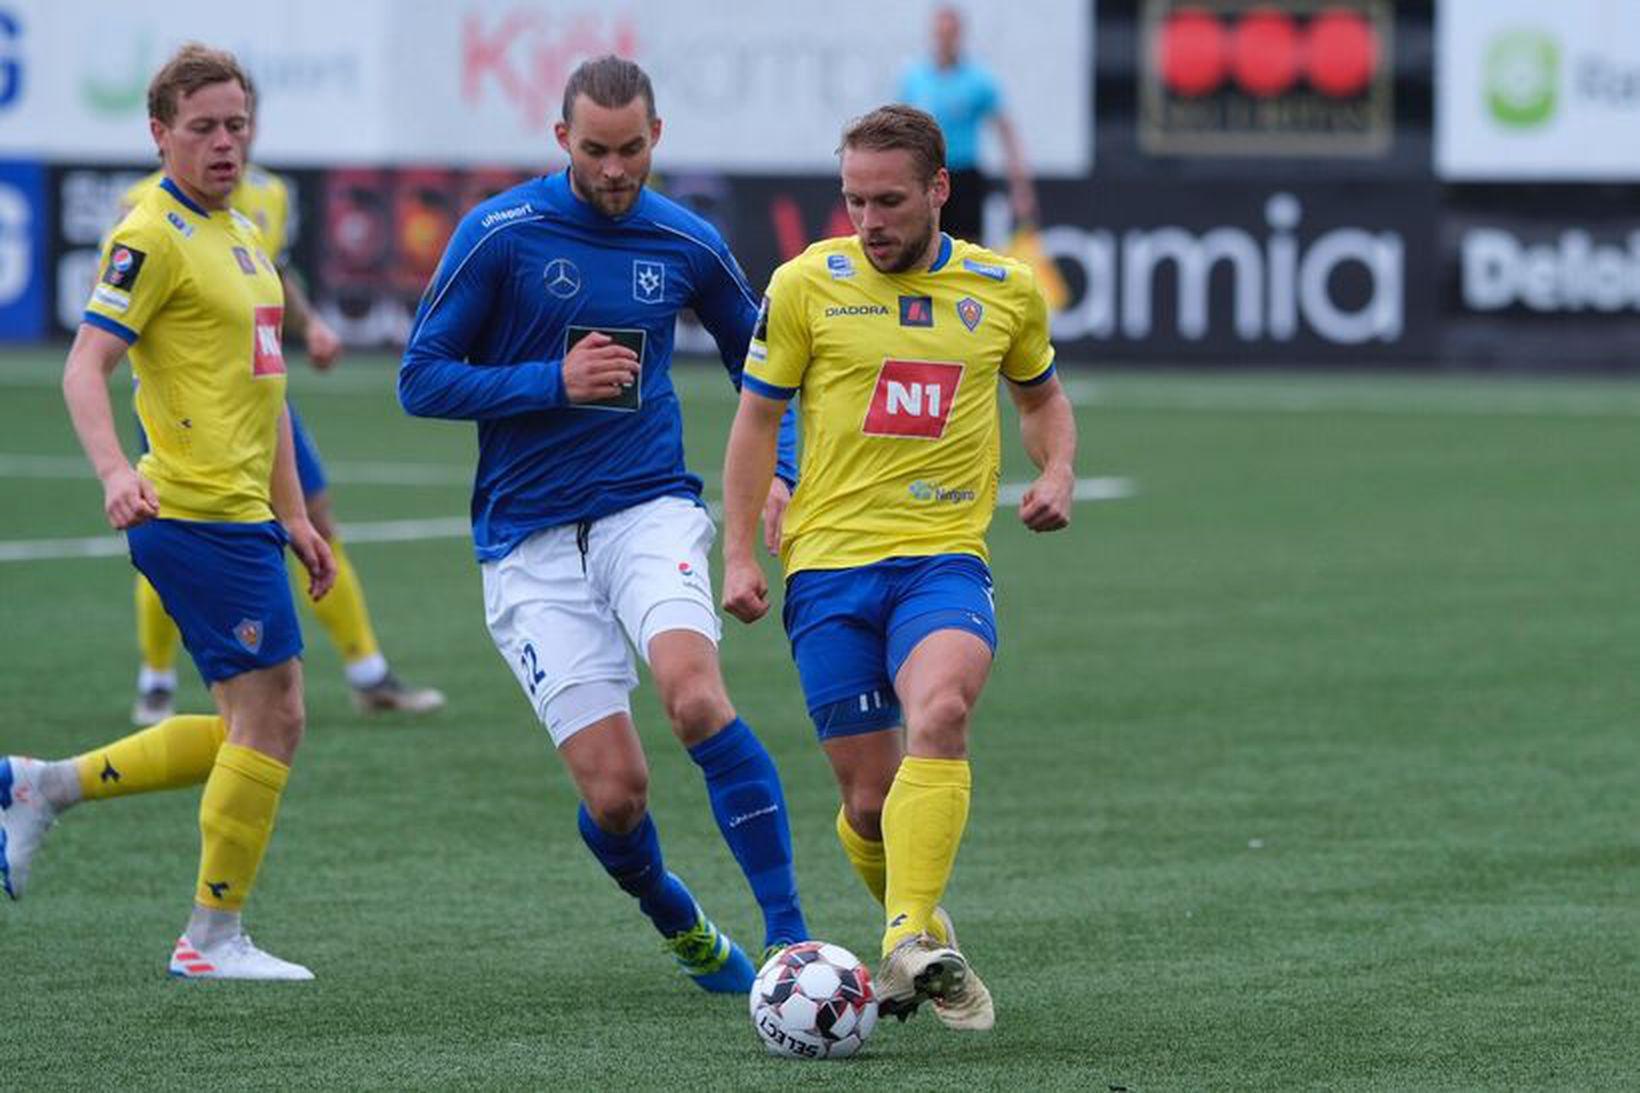 KA fagnaði 2:0-sigri gegn Stjörnunni í Garðabæ í kvöld.